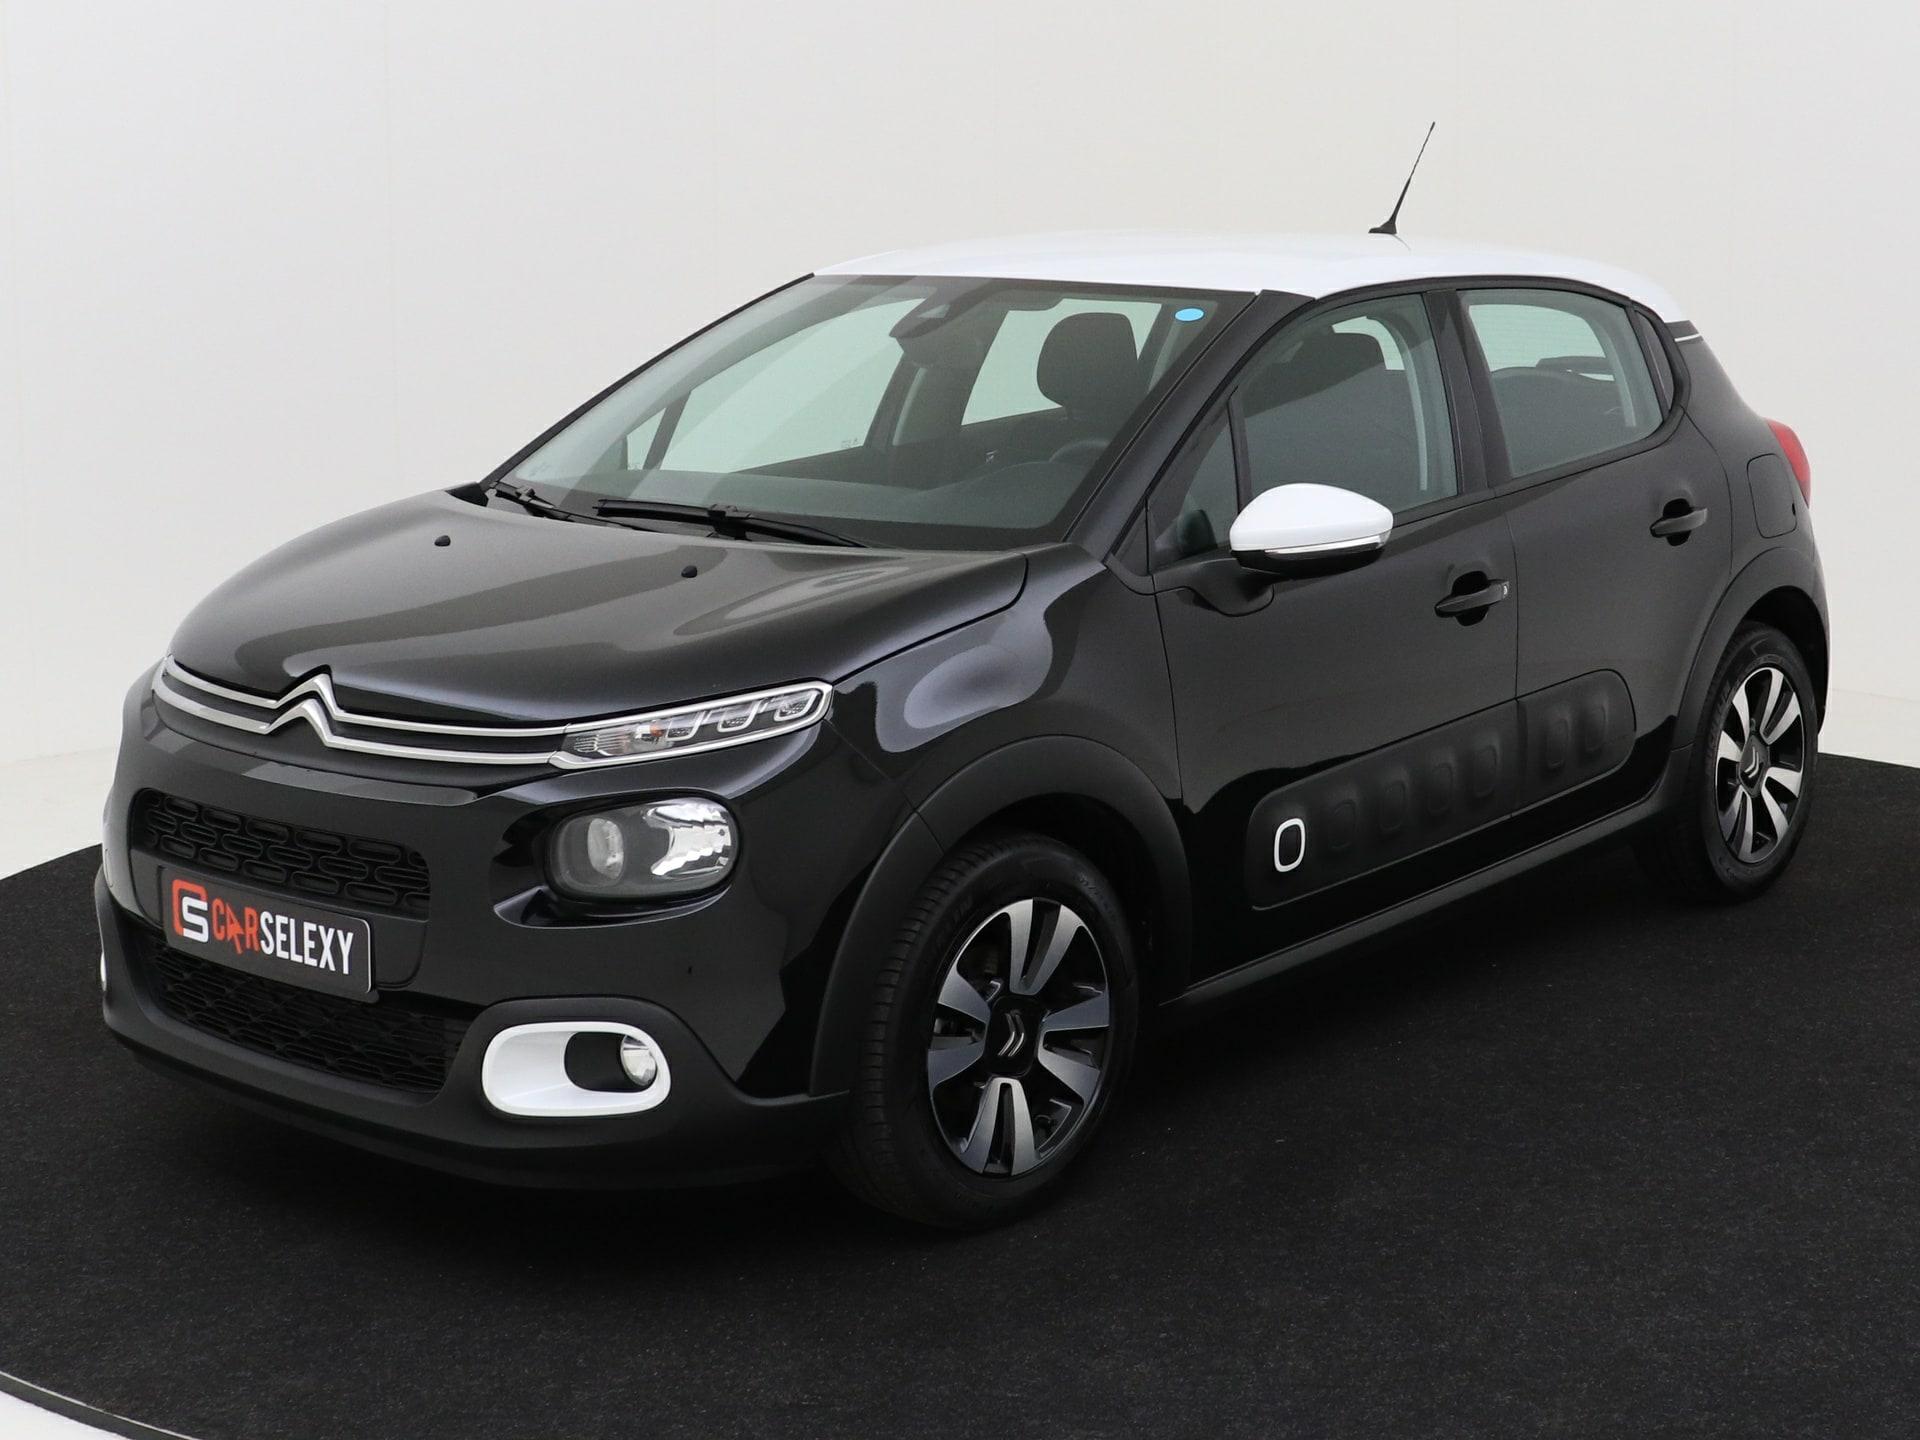 Citroën C3 1.2 Puretech 82PK van CarSelexy dealer Autobedrijf H. Kuper in Siddeburen